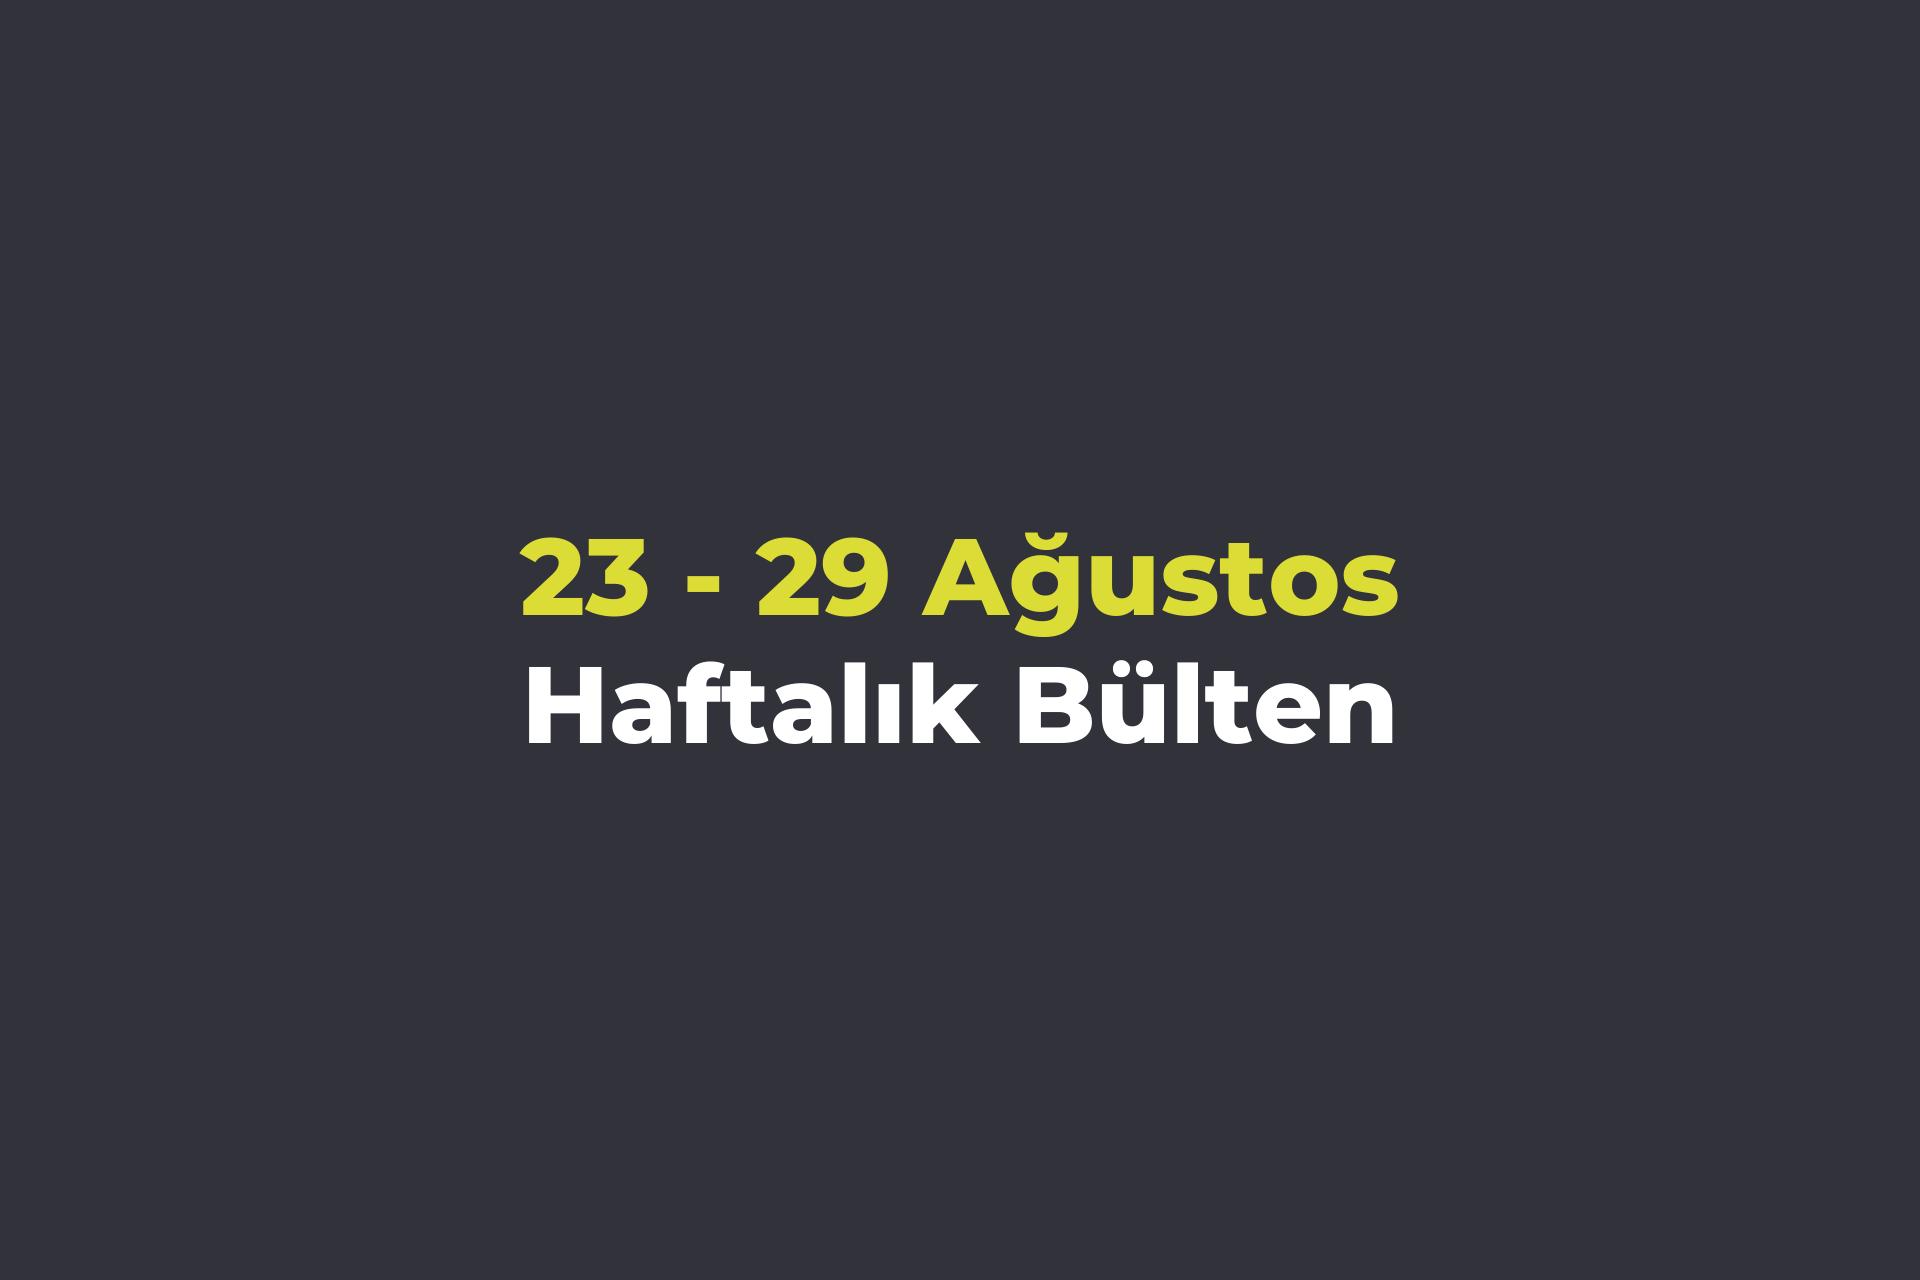 23-29 Ağustos Haftalık Bülteni